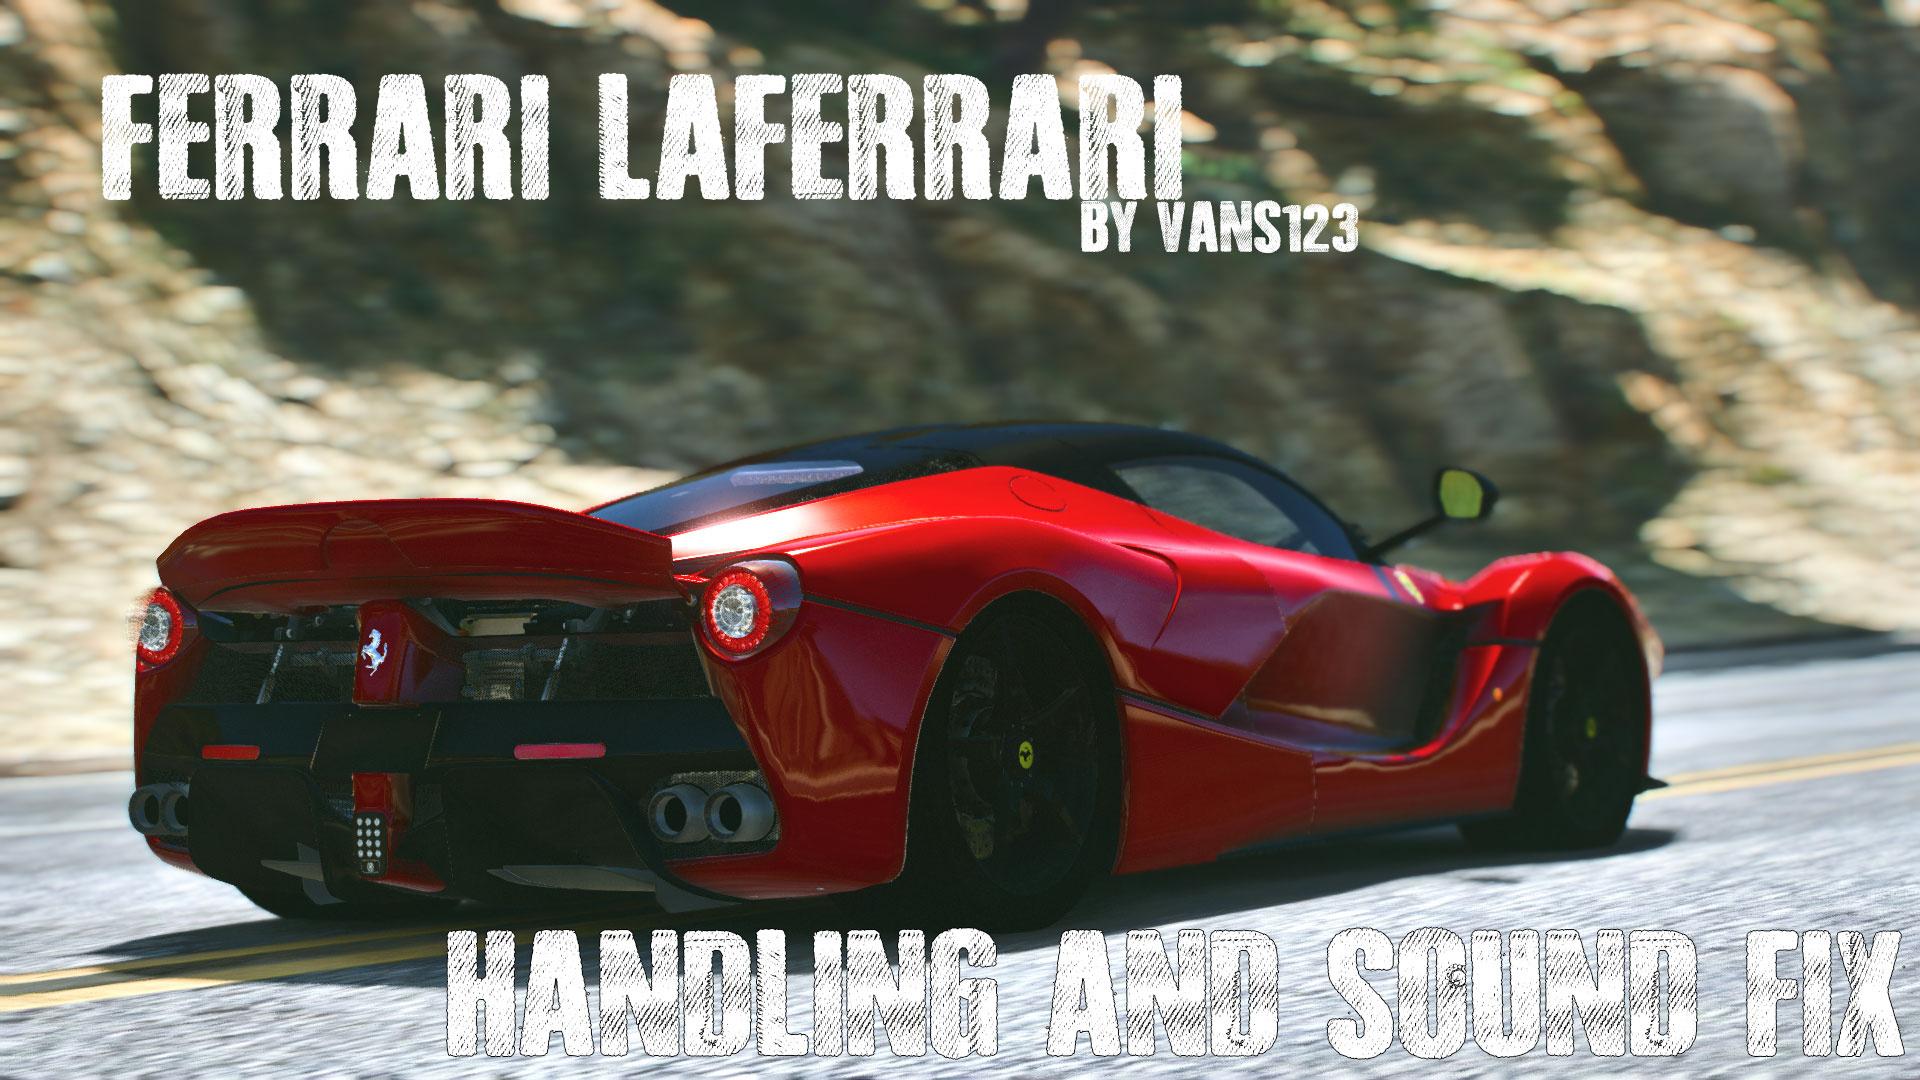 Ferrari Laferrari By Vans123 Handling And Sound Fix Alfa Romeo 4fec55 Cover